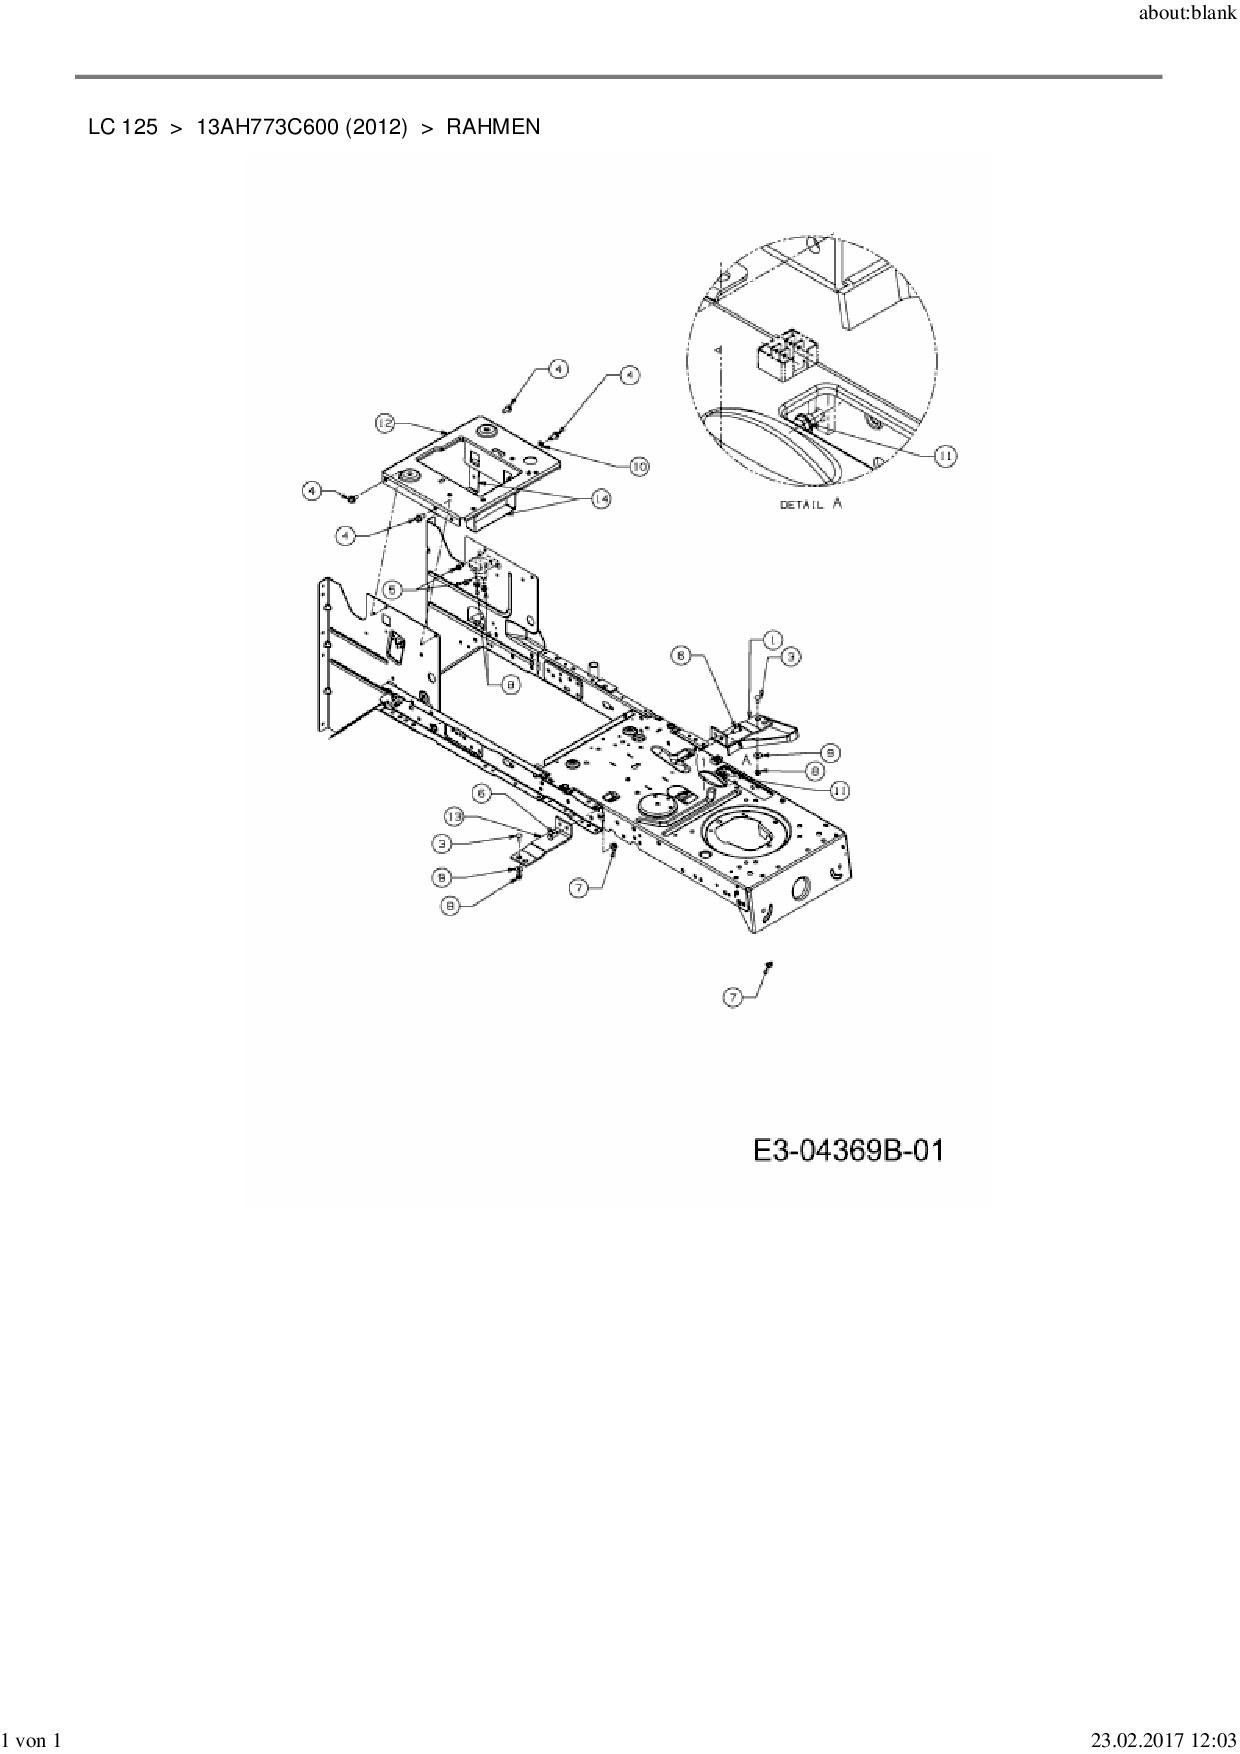 Ersatzteile von MTD Rasentraktor LC 125 aus der Zeichnung Rahmen